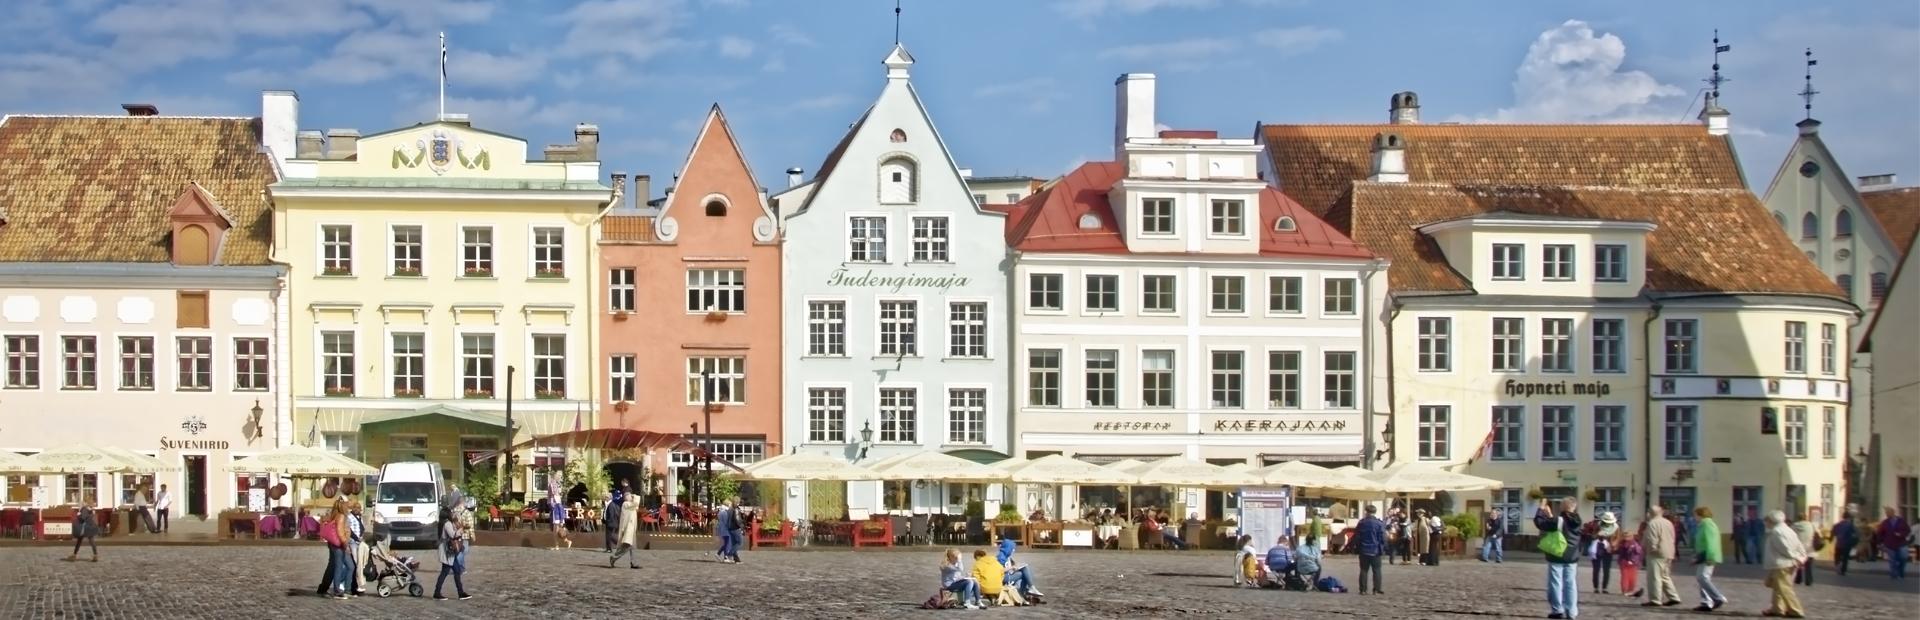 BalticsTallinnEstonia-3729913 copy